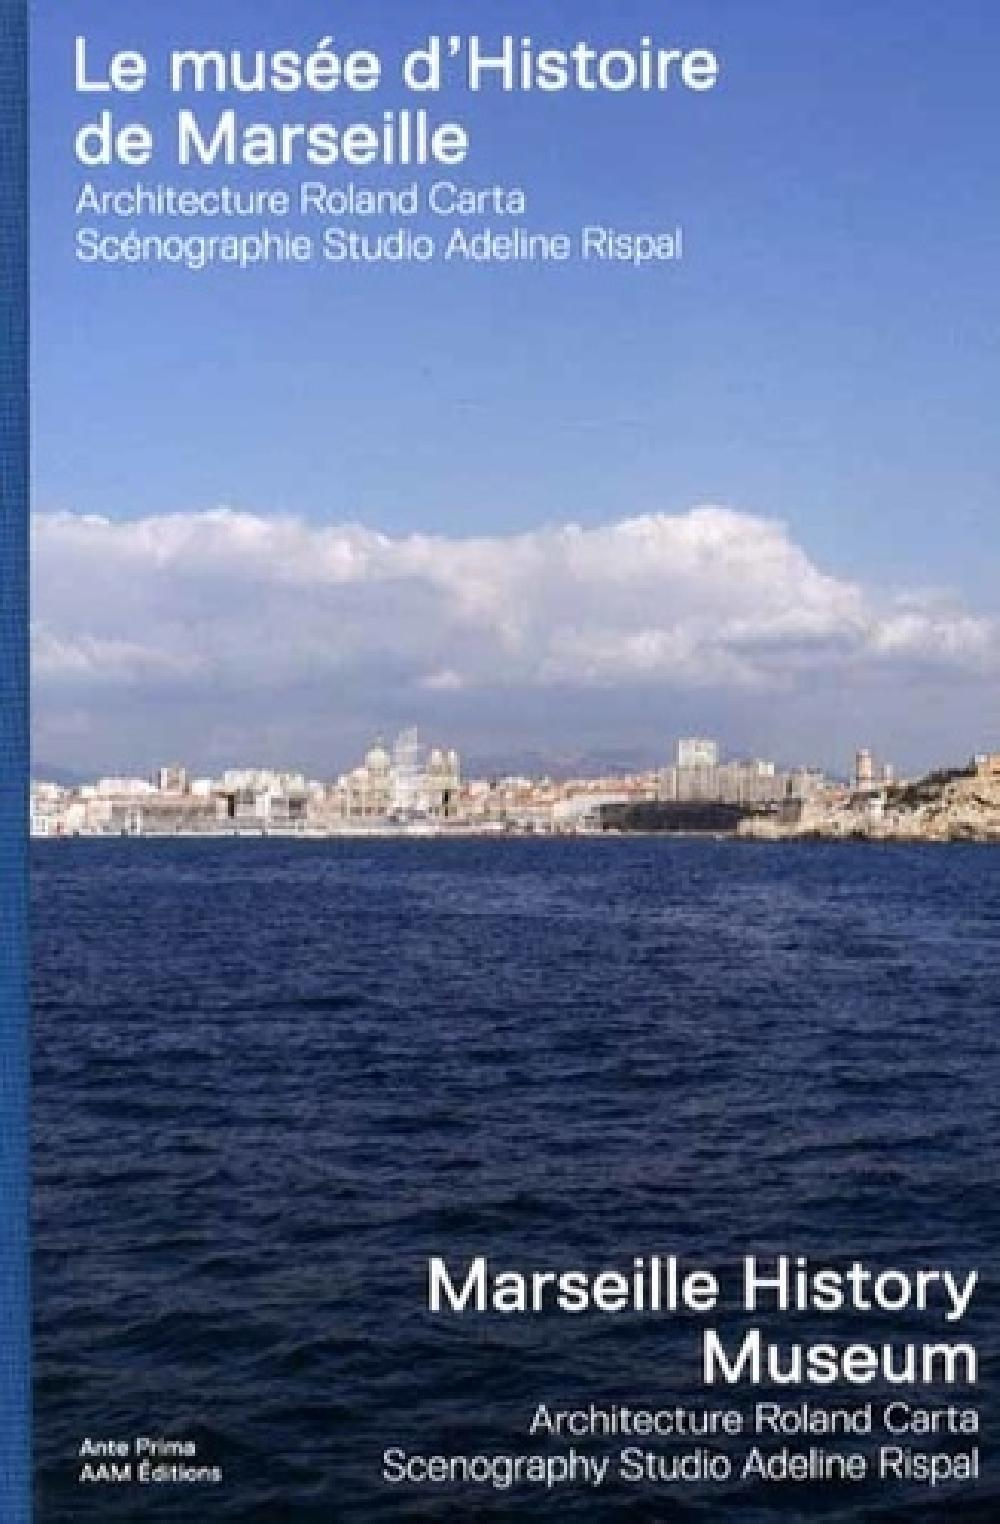 Le musée d'Histoire de Marseille